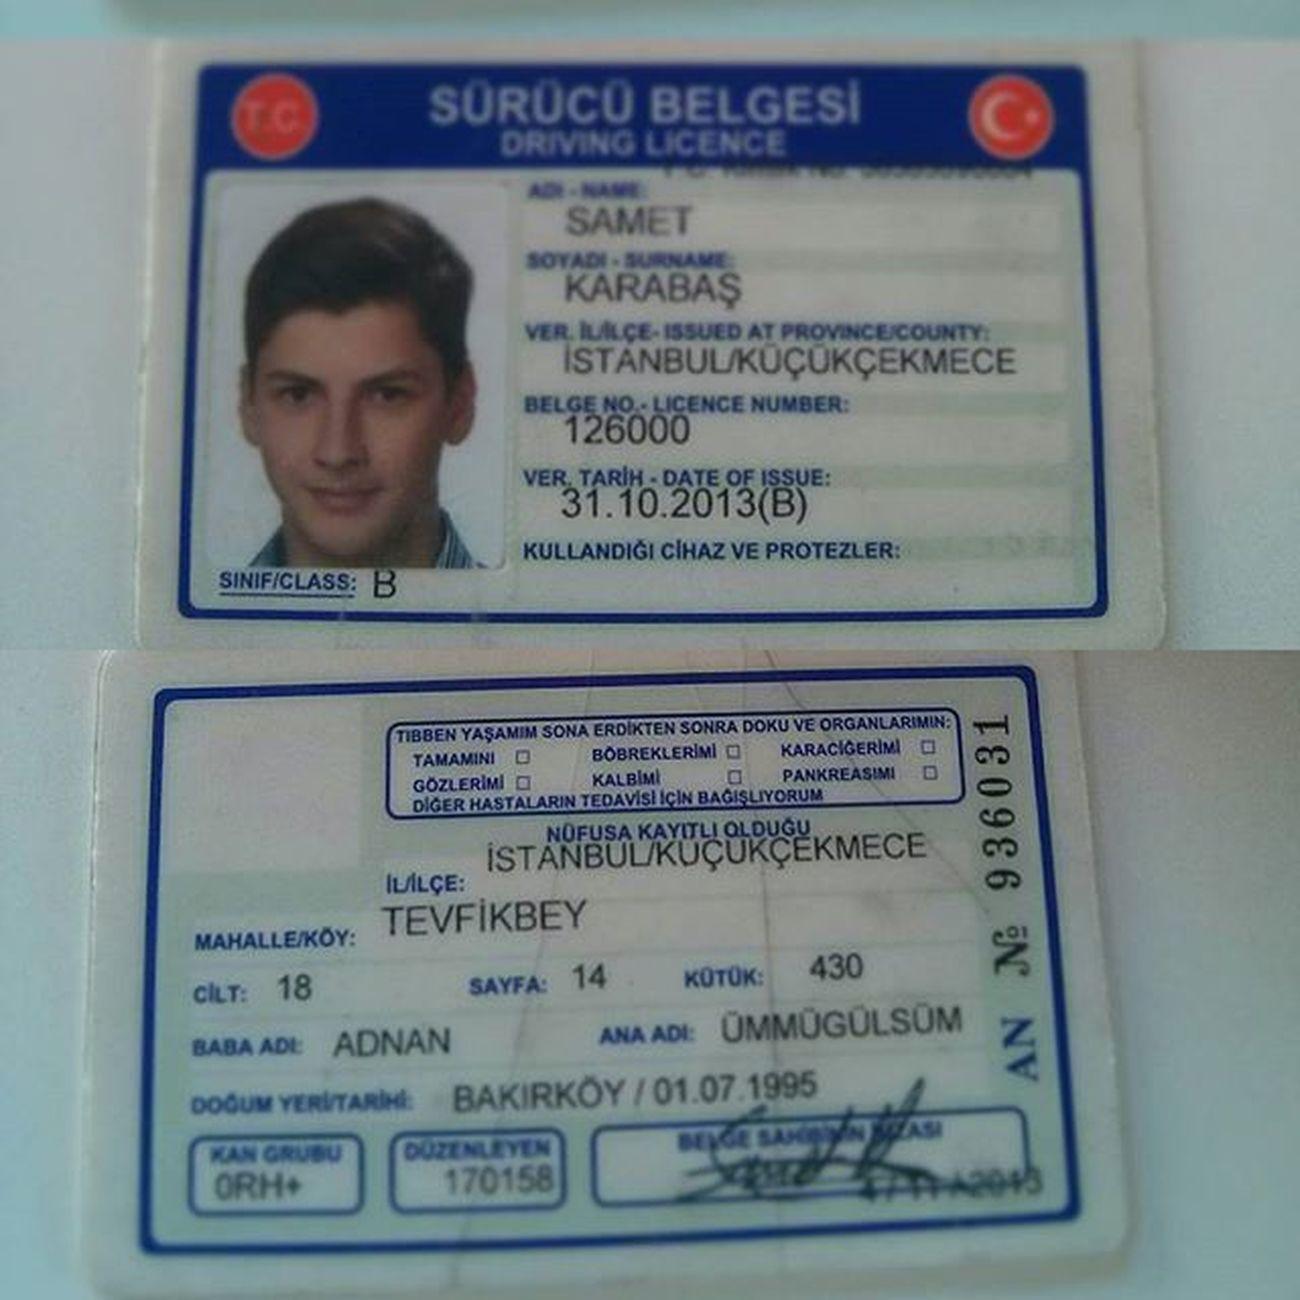 Ehliyetimi kaybettim hükümsüzdür. Bulana dondurma alcam hatta iftar yaparız lan söz 😀Ehliyet Sürücübelgesi Kayıp Sefaköy